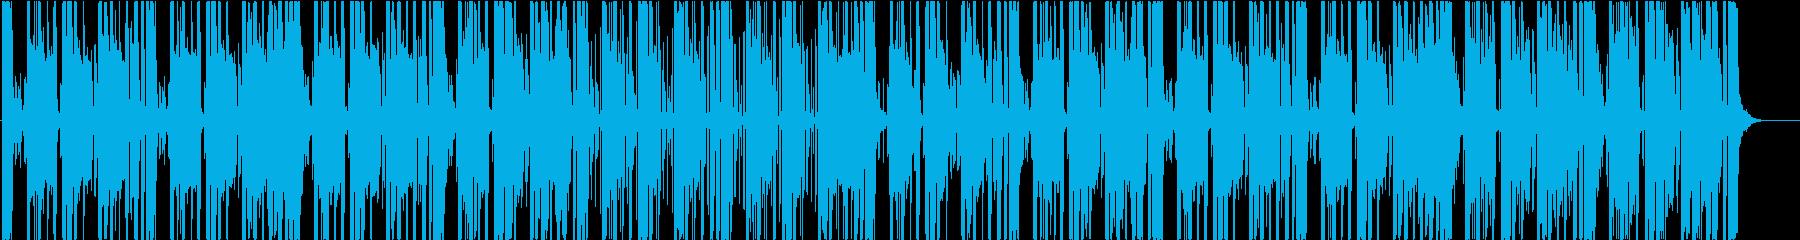 ヒップホップ、スタイリッシュ、モダンの再生済みの波形